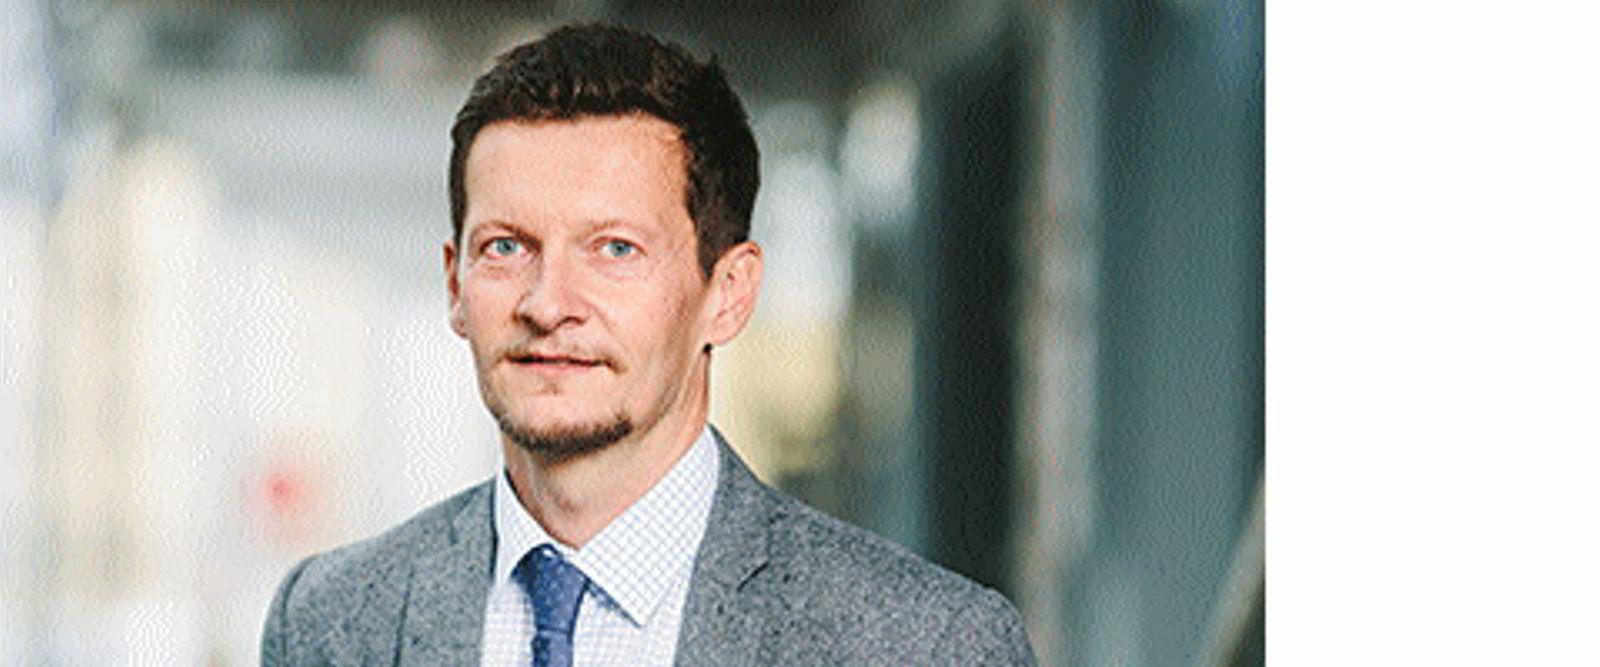 Direktør Terje Mørland i Nokut vil planlegge tilsyn med norske universitet og høyskoler denne høsten.